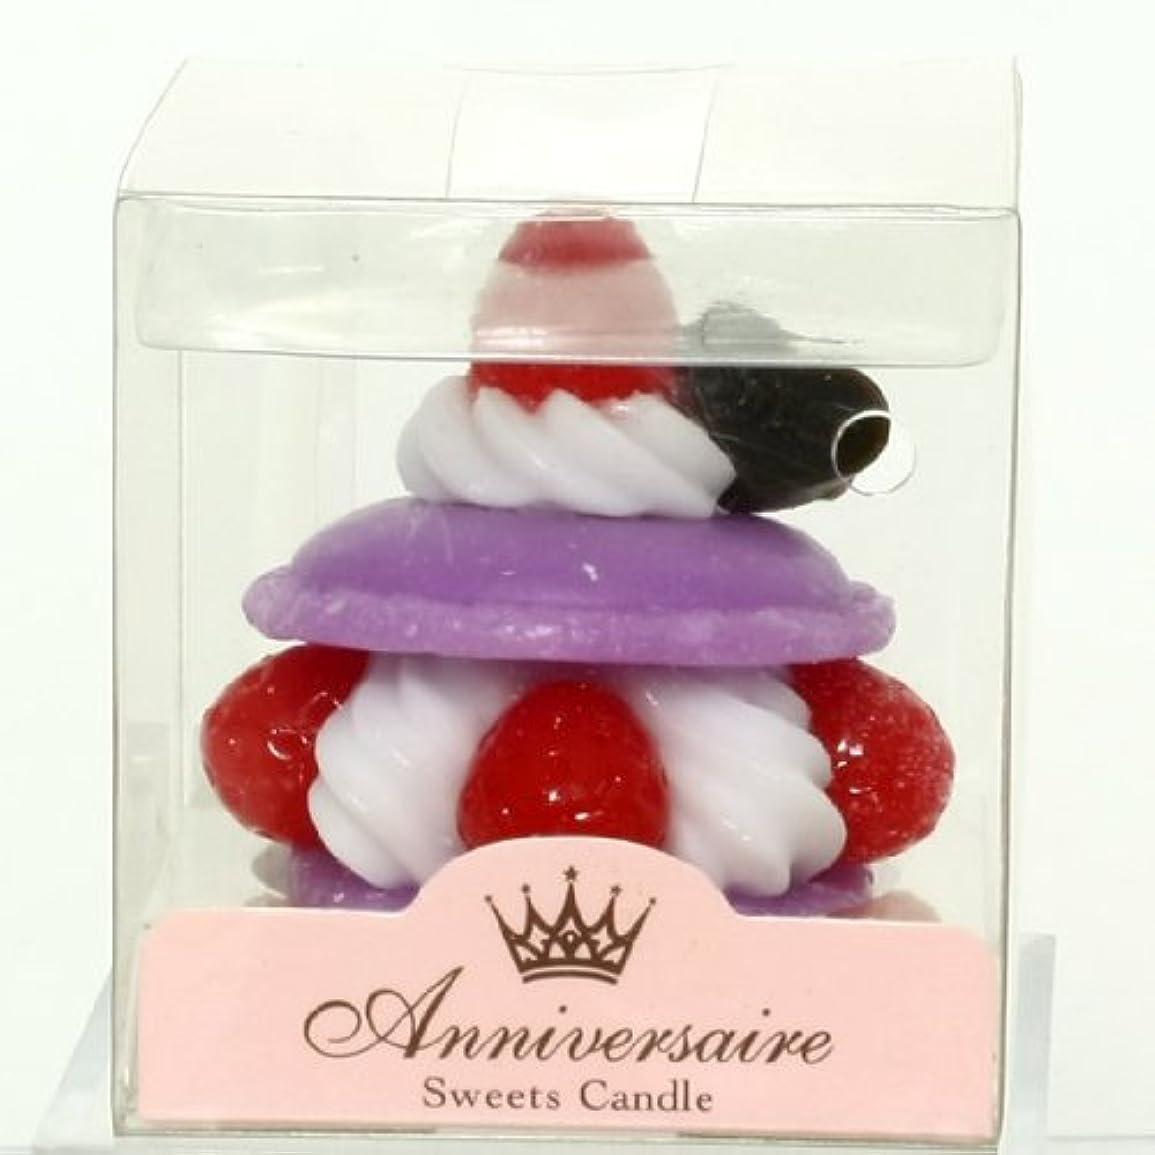 吹雪書士アボートスイーツキャンドル(sweets candle) マカロンケーキキャンドル【パープル】